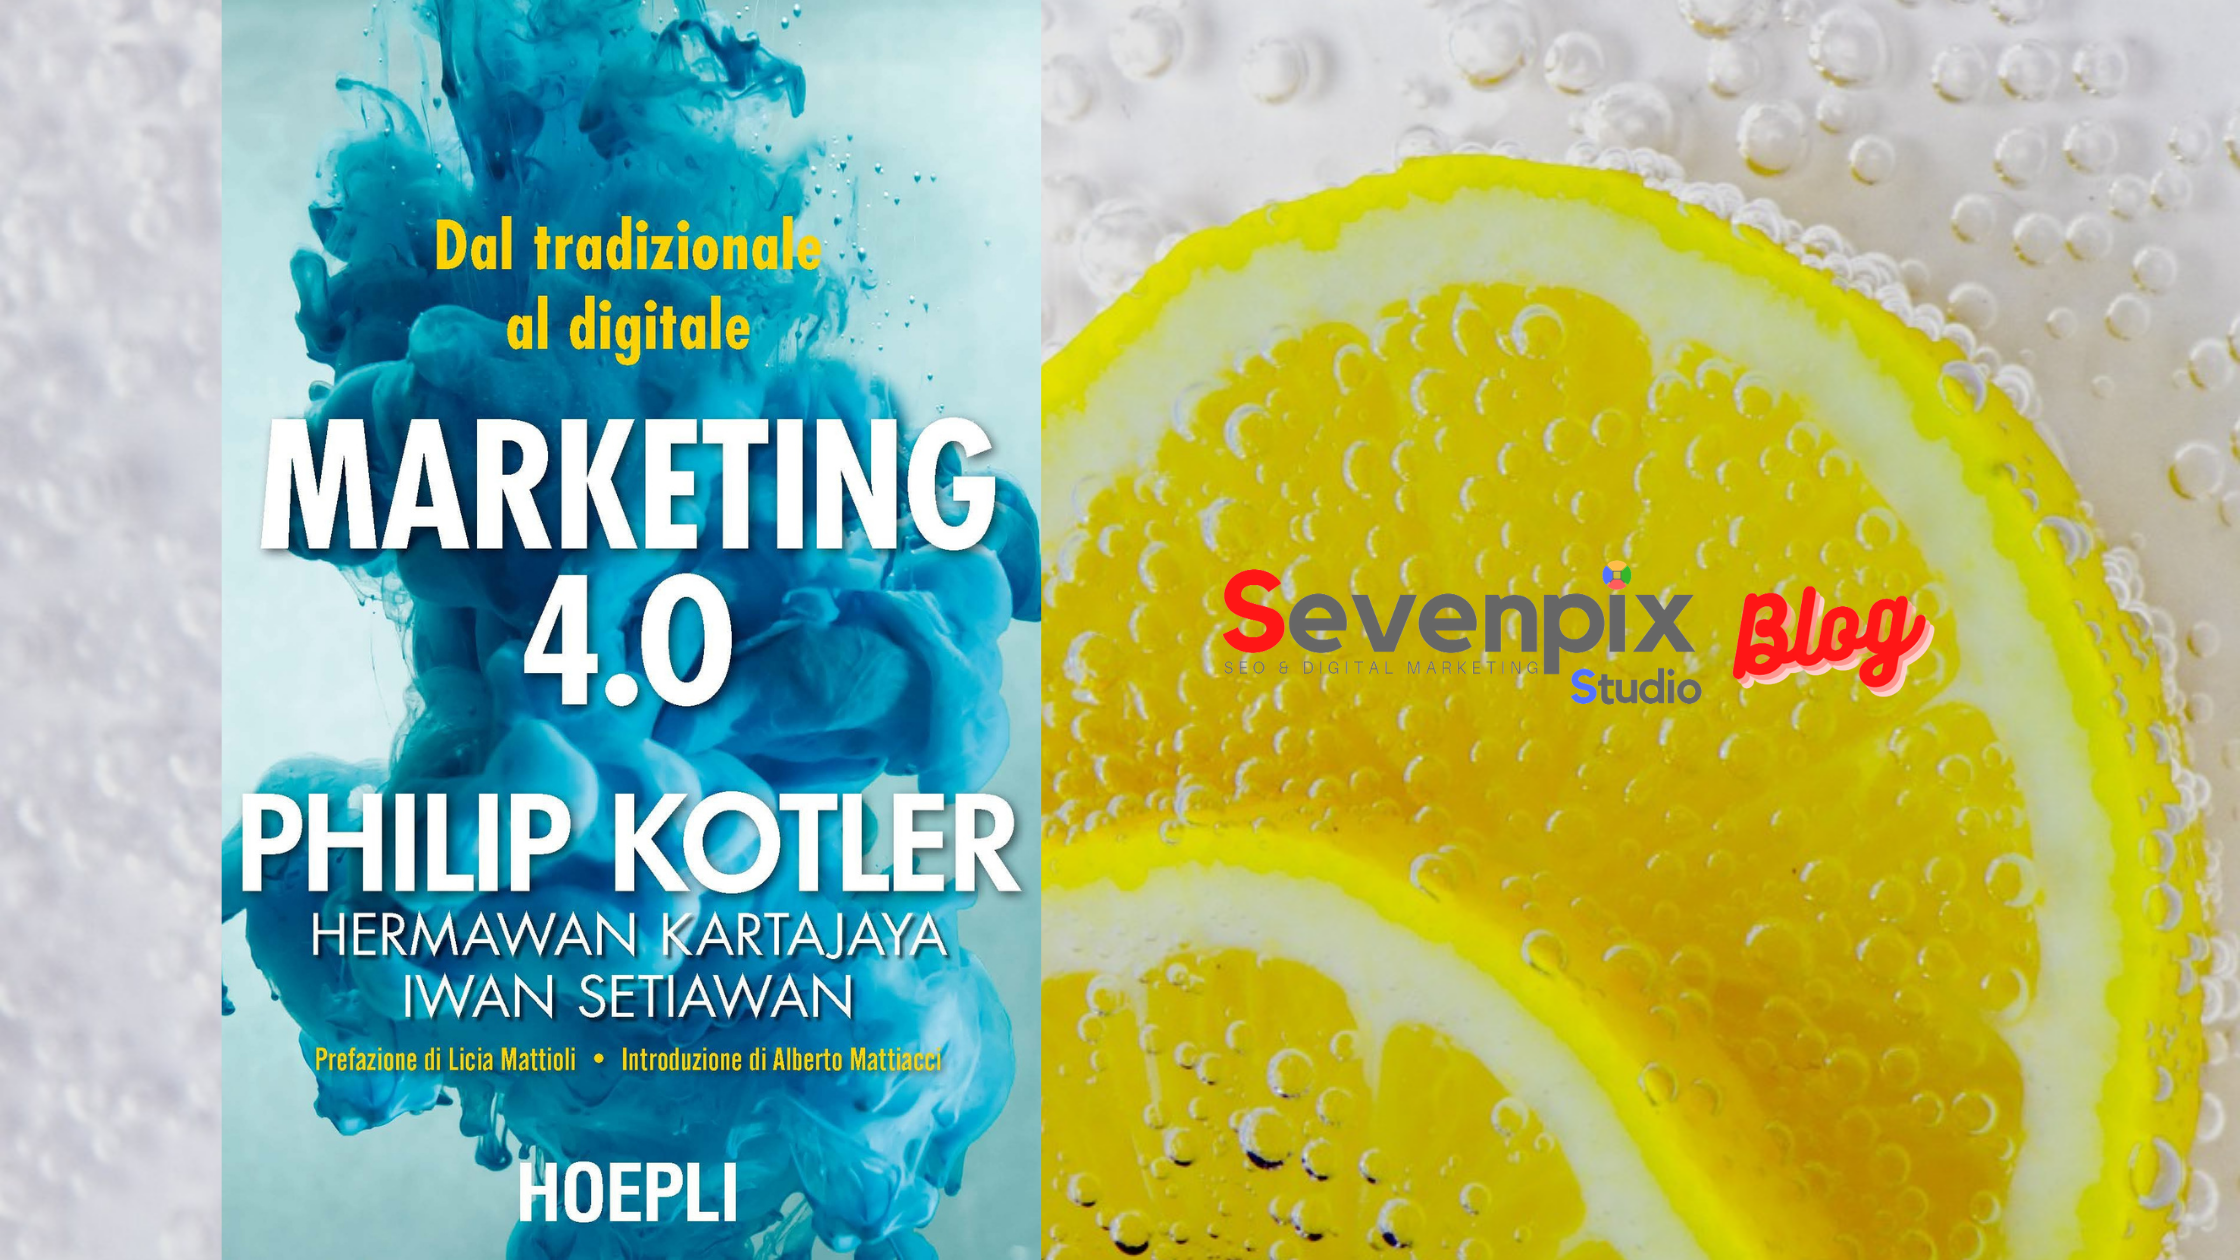 Libro consigliato: 'Marketing 4.0. Dal tradizionale al digitale' di Philip Kotler